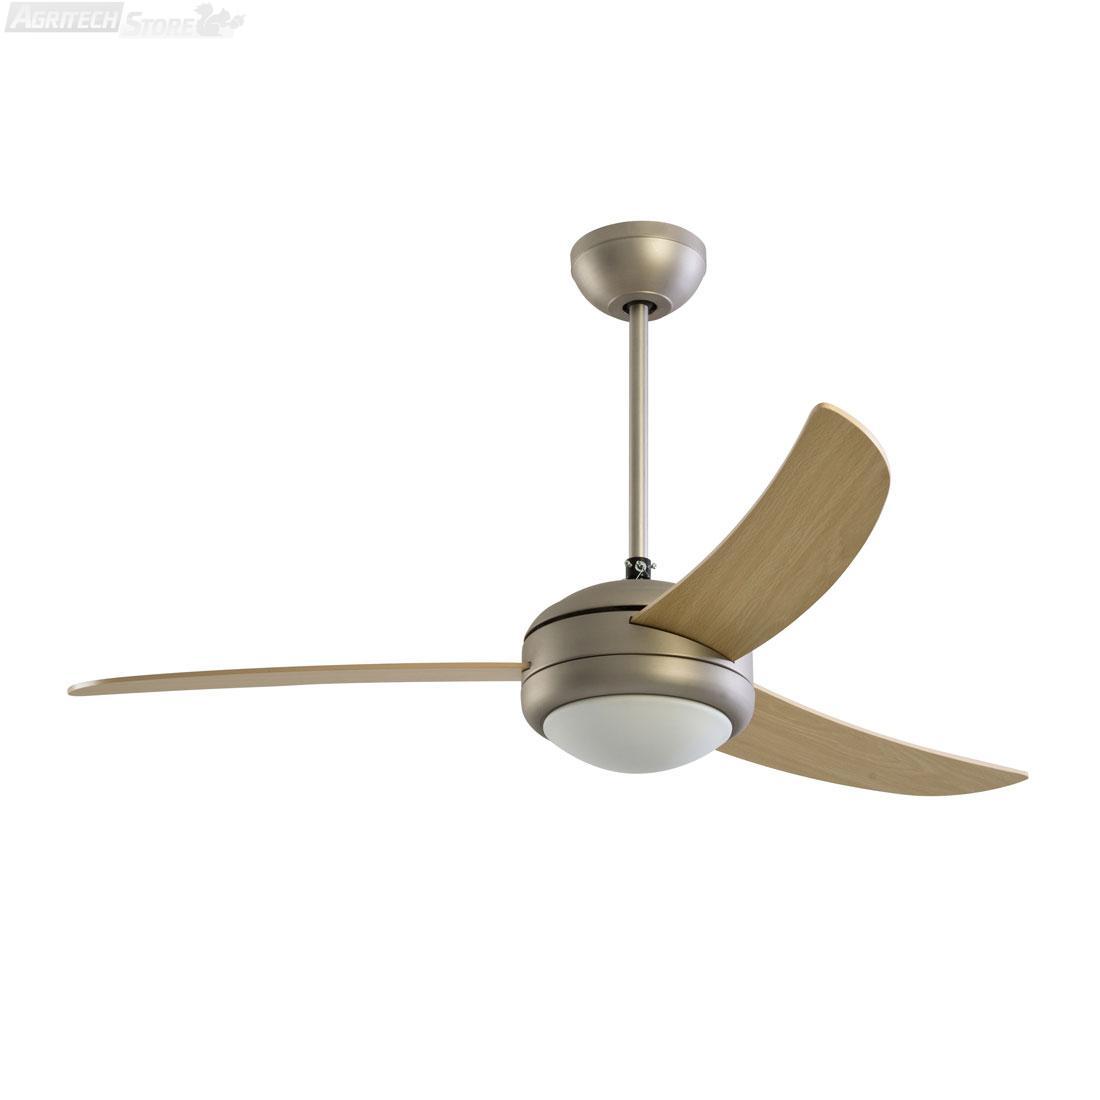 Ventilatore bimar da soffitto 130 cm vsc10 - Ventilatore da soffitto design ...